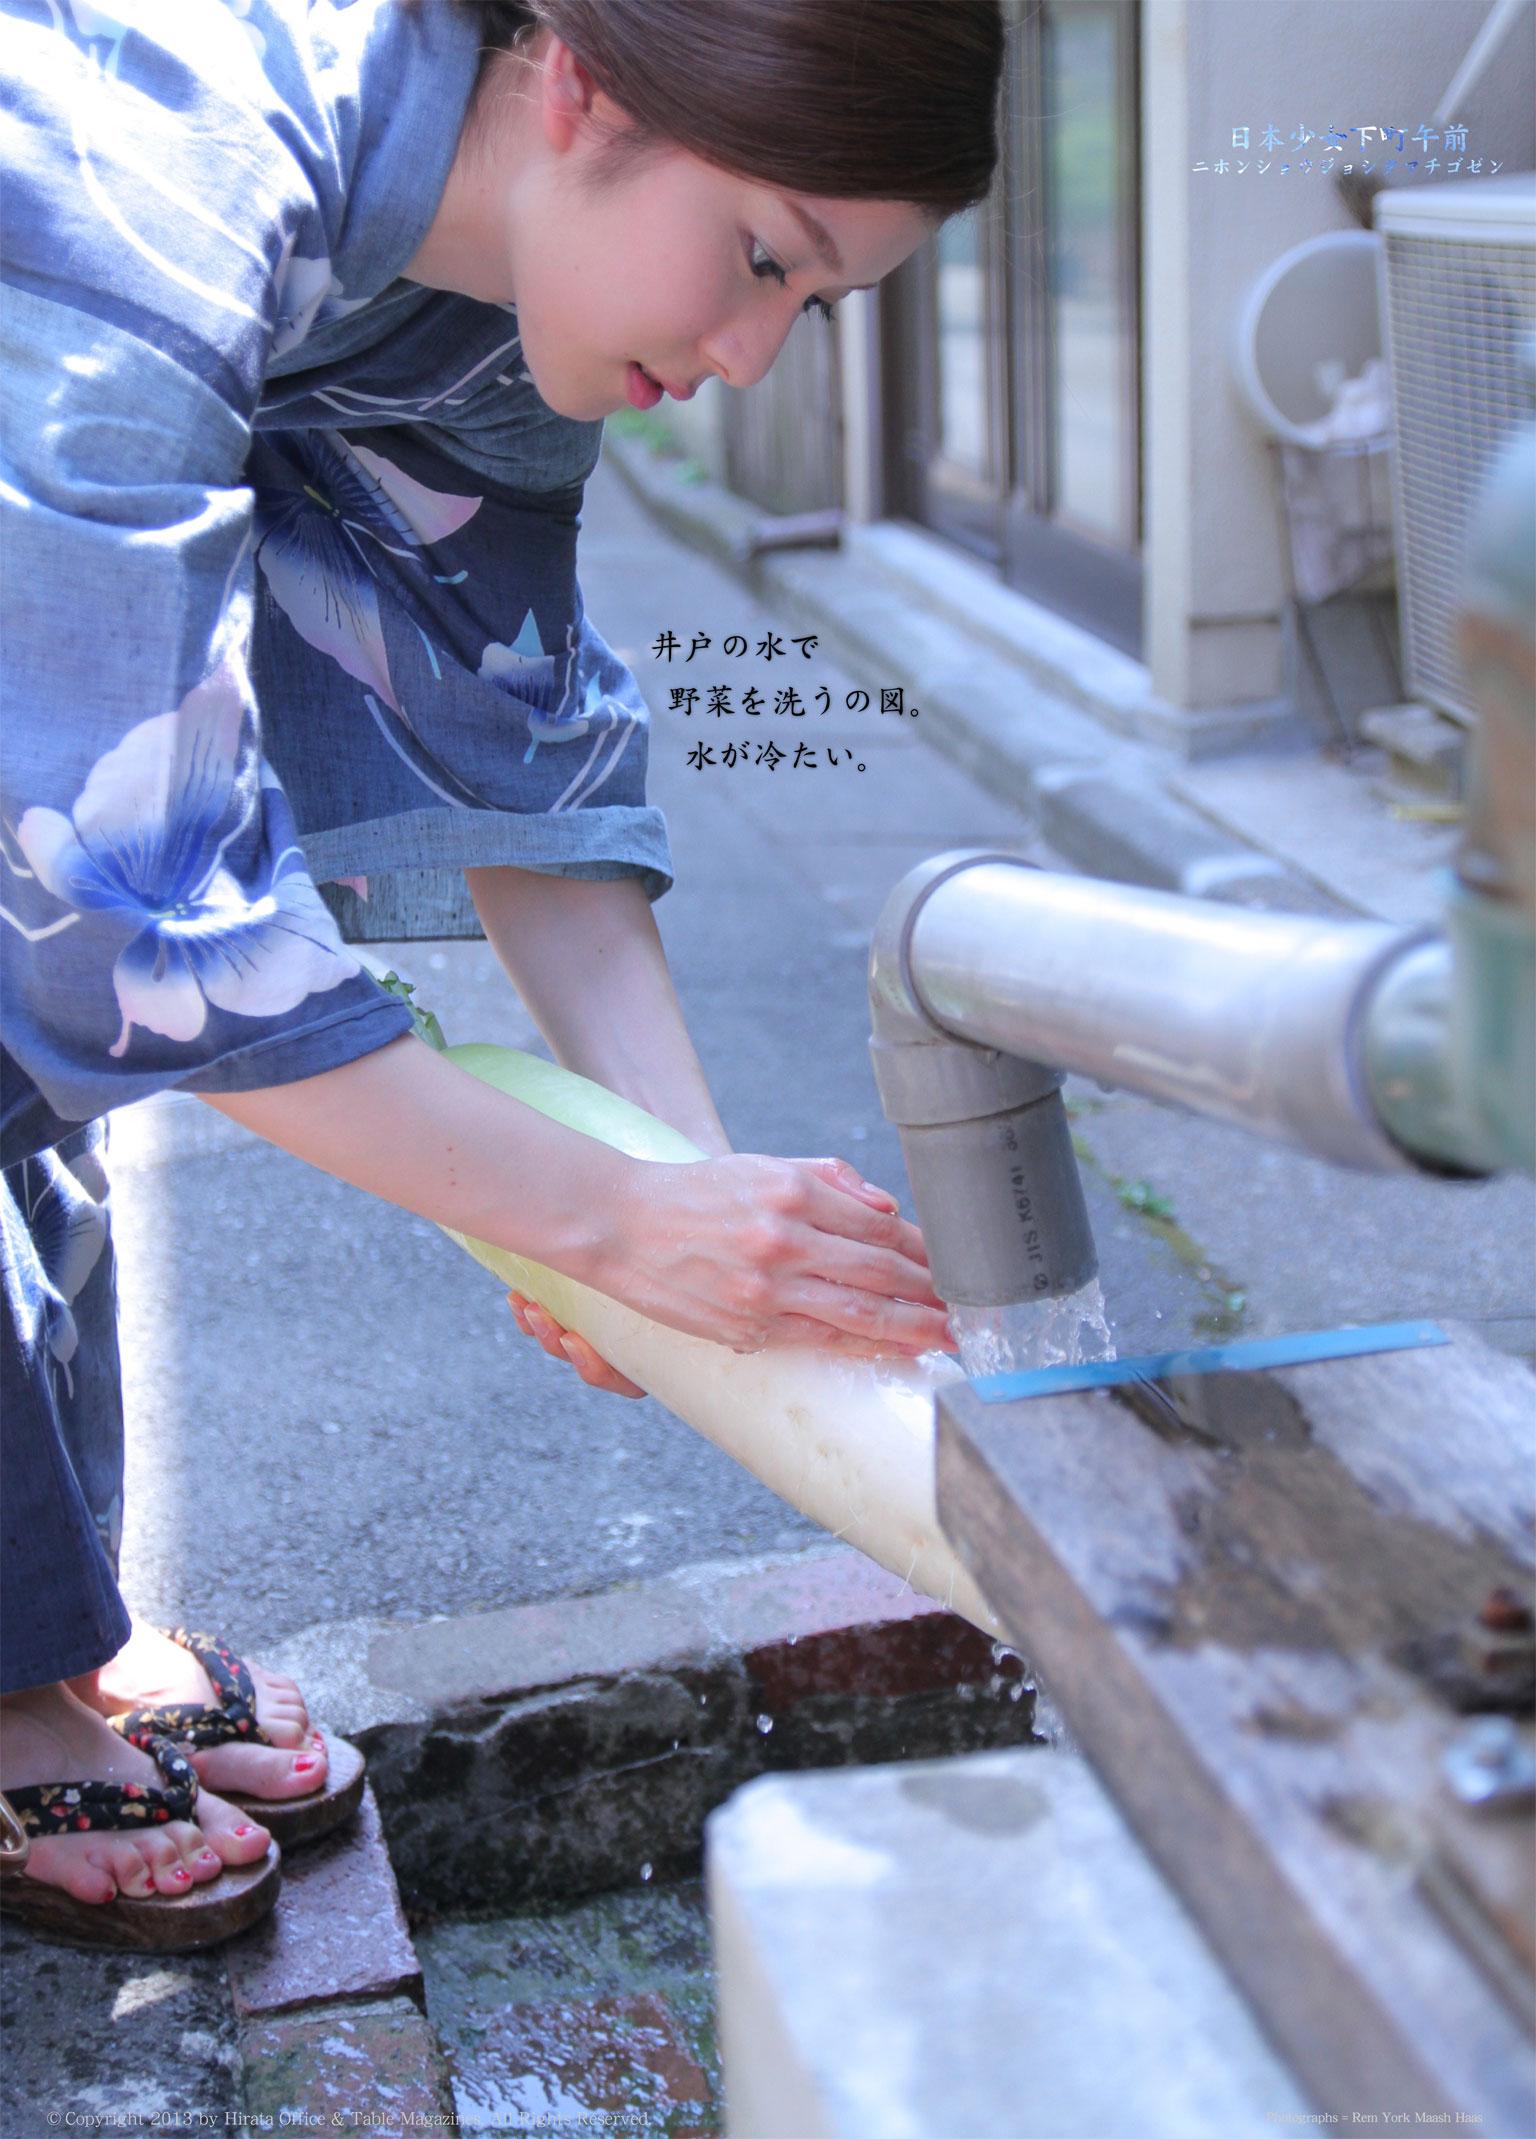 【三銃士】 幸楽苑 【禁止】40杯目 [無断転載禁止]©2ch.net->画像>4410枚